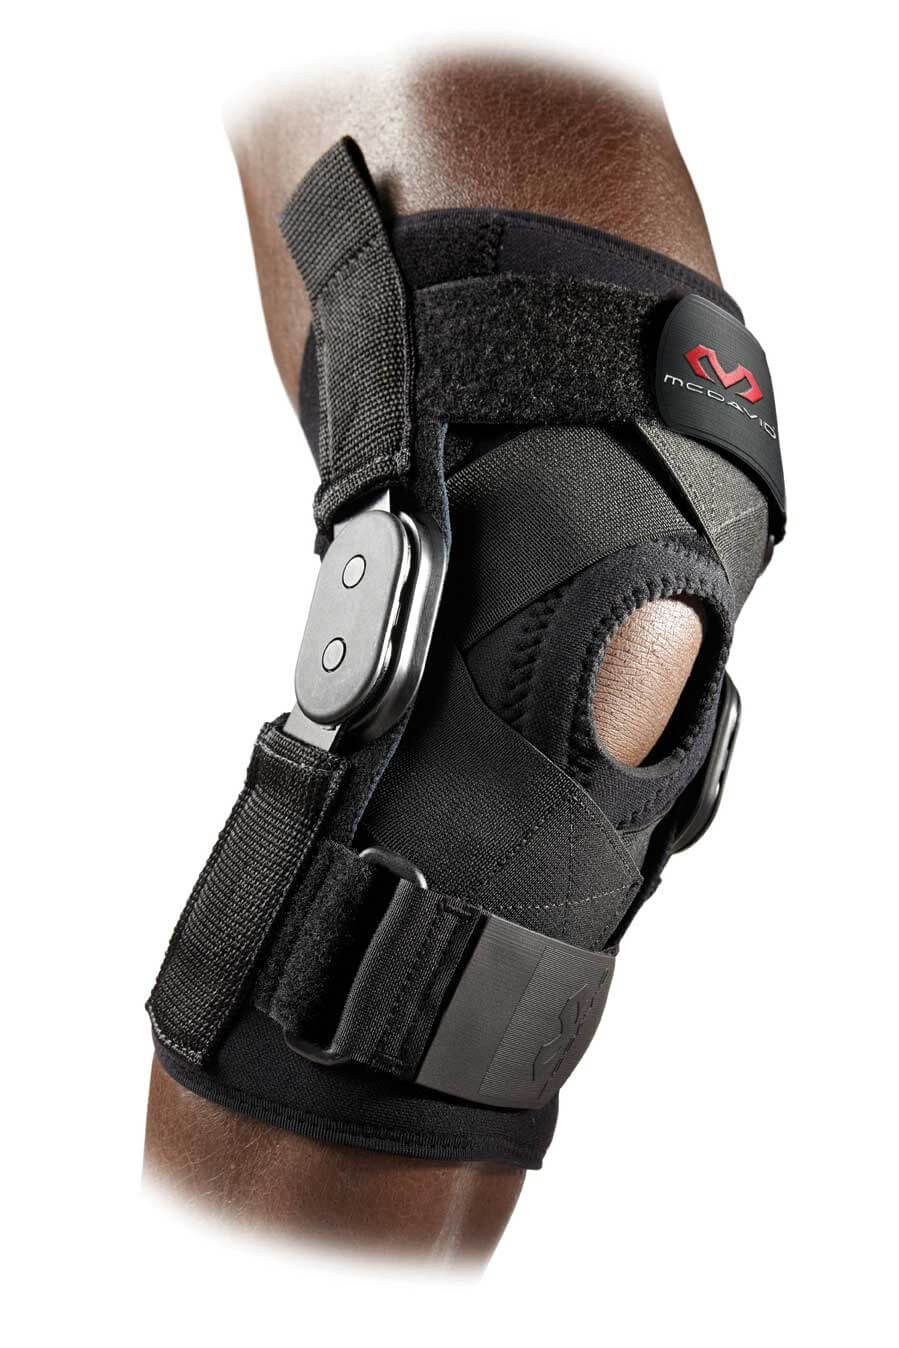 Příklad ortézy typu funkční - kolenní ortéza